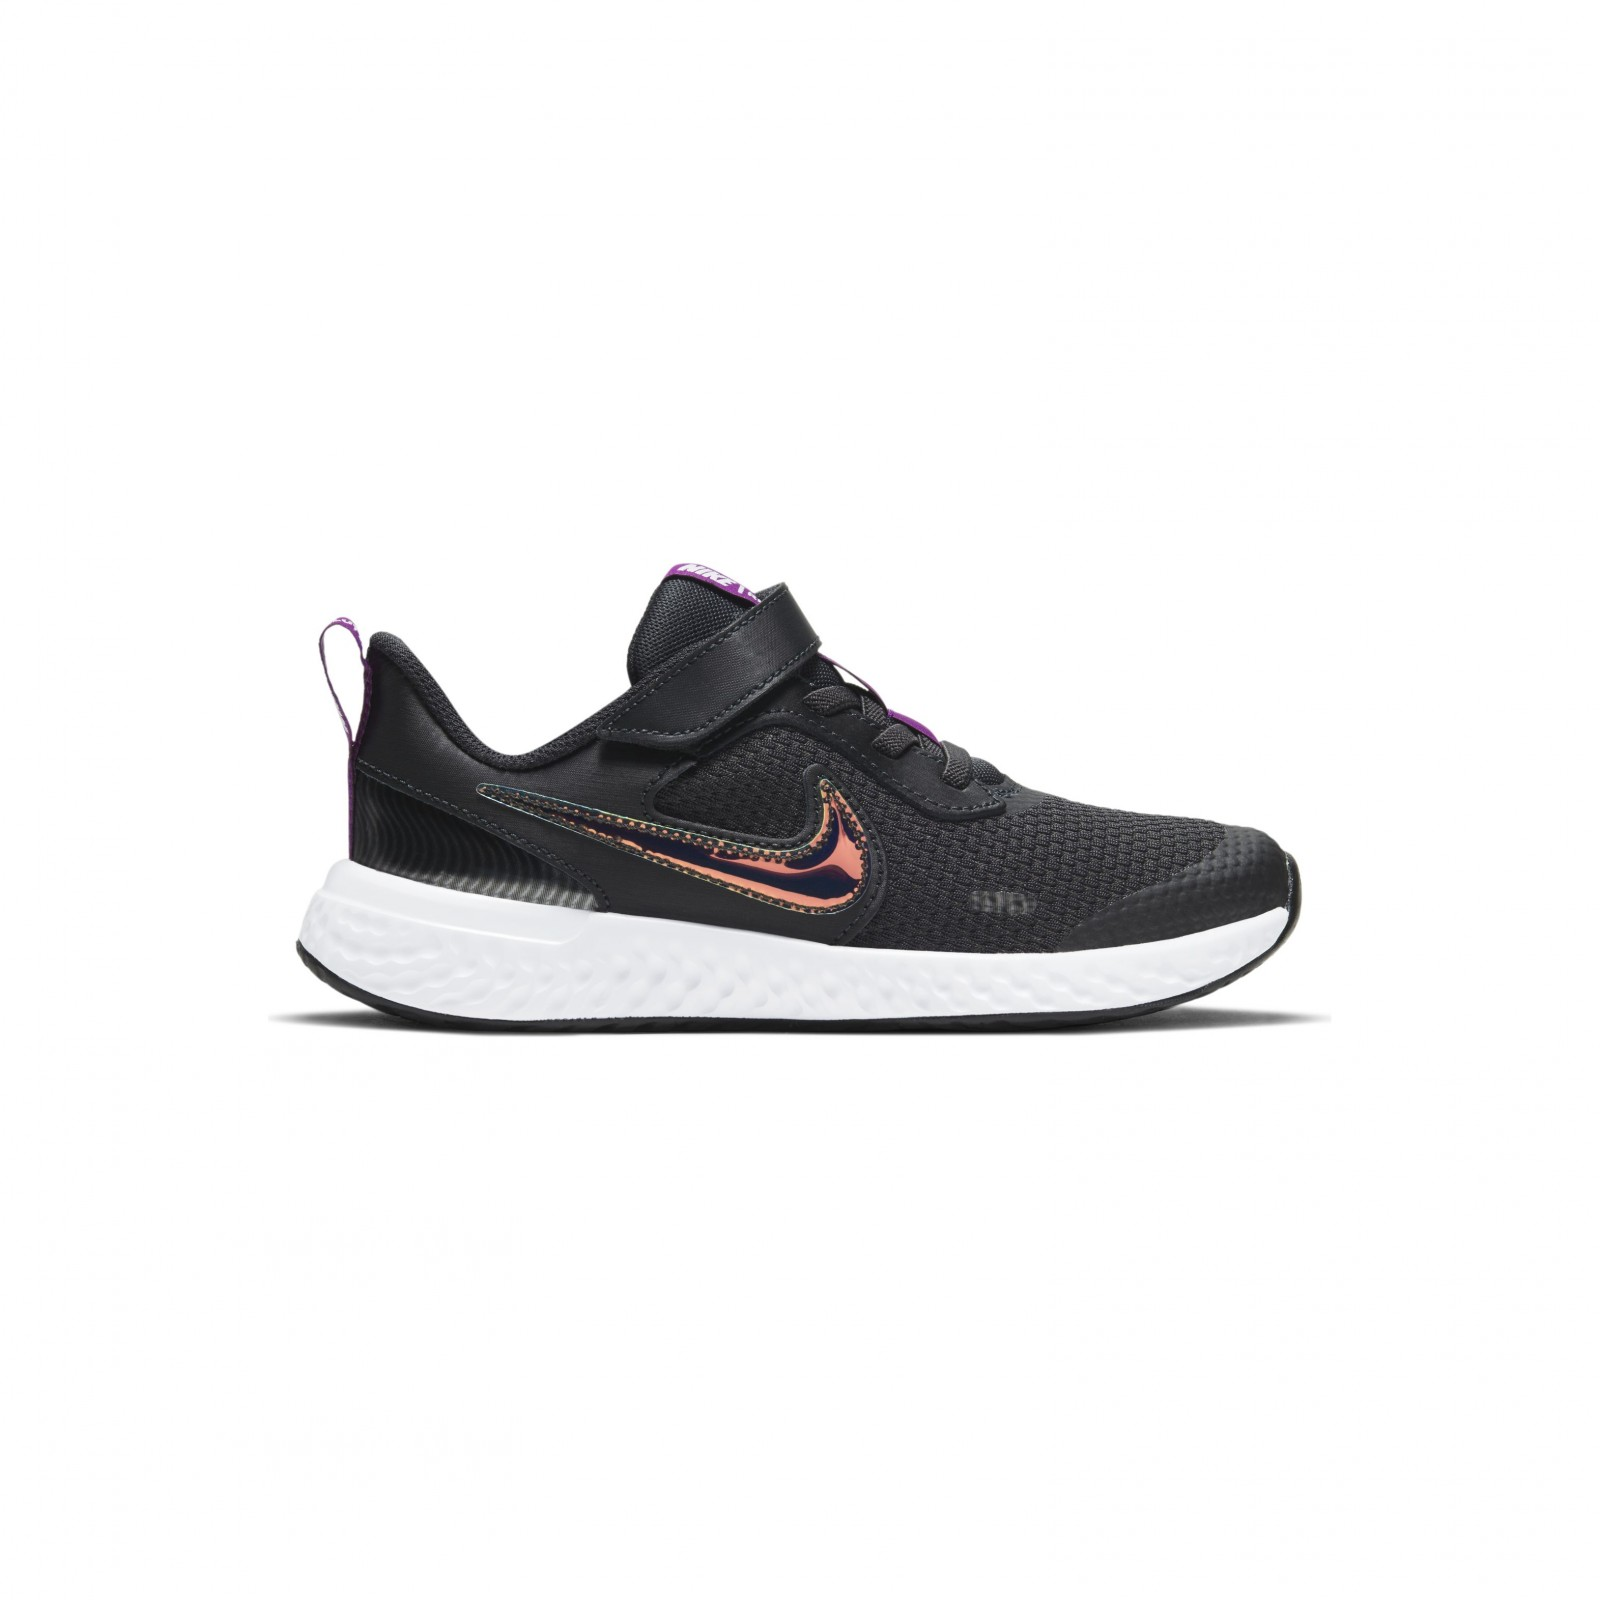 Nike Revolution 5 SE Power OFF NOIR/MULTI-COLOR-RED PLUM-WHITE